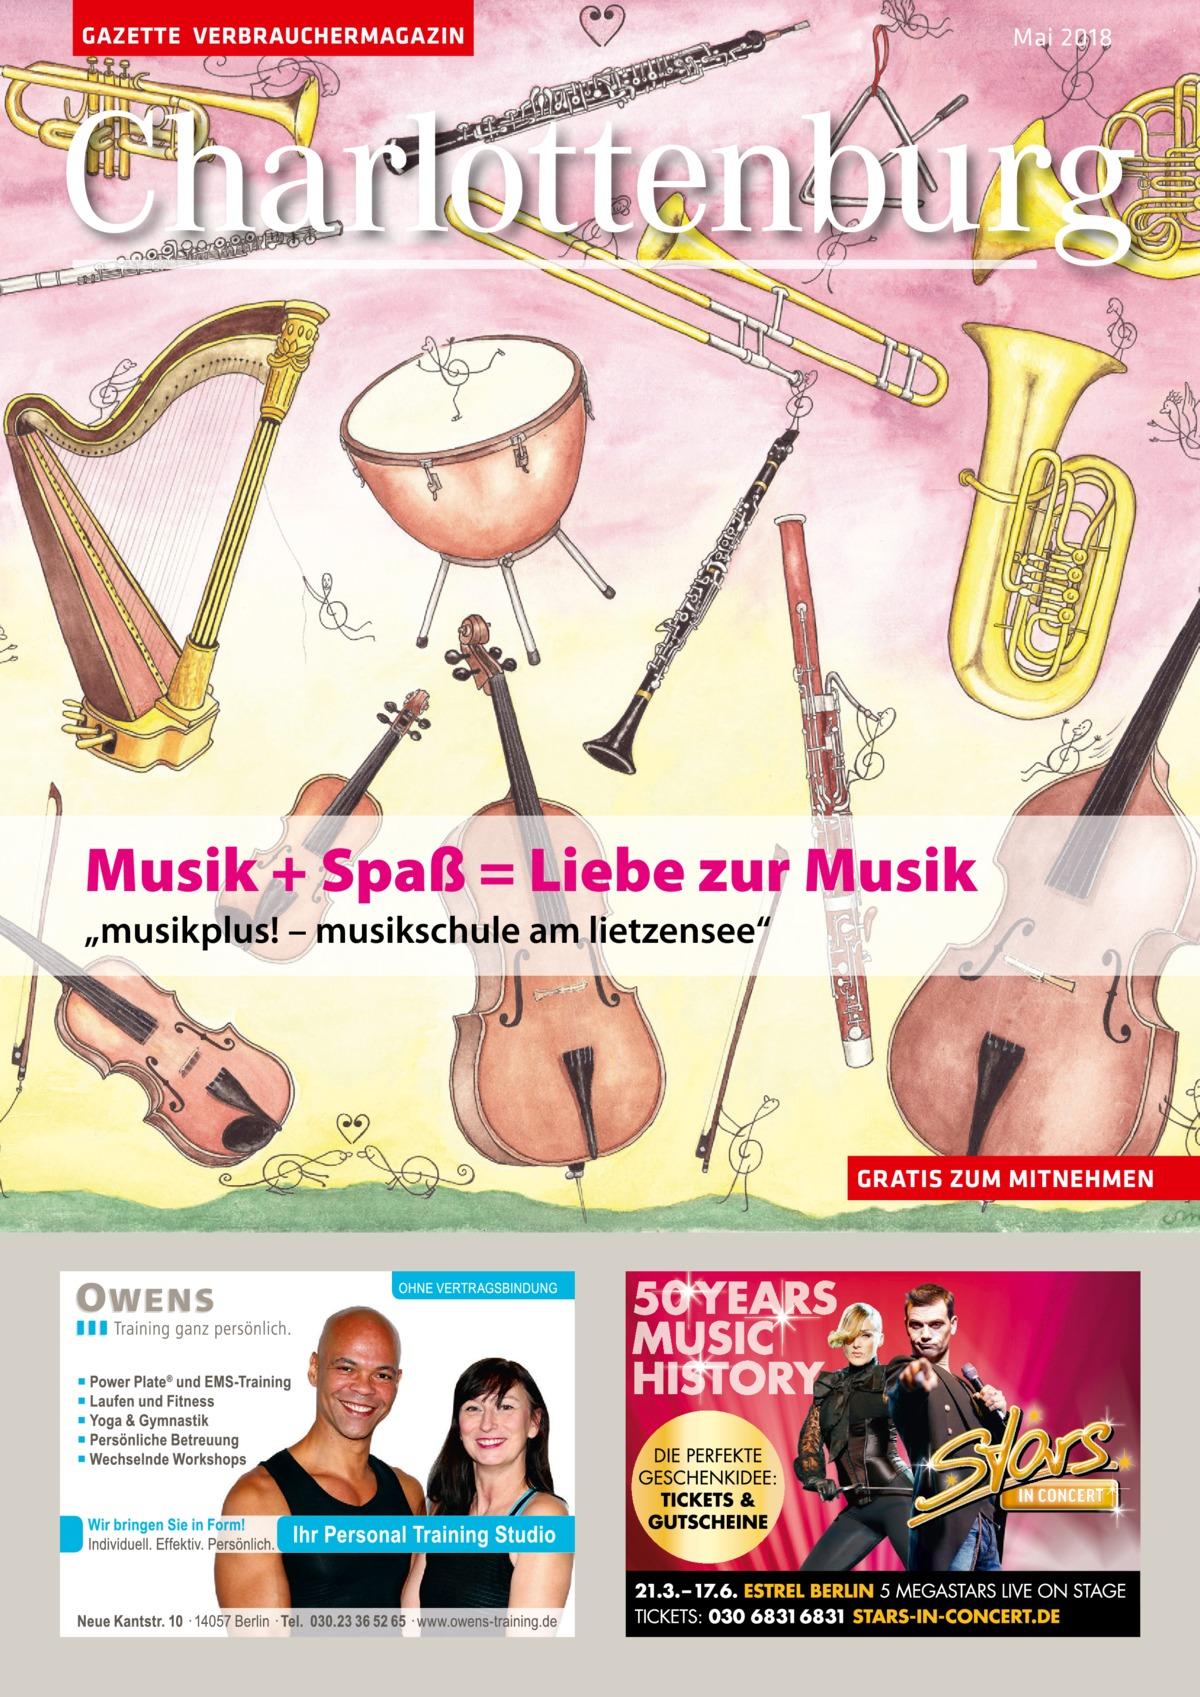 """GAZETTE VERBRAUCHERMAGAZIN  Mai 2018  Charlottenburg  Musik + Spaß = Liebe zur Musik """"musikplus! – musikschule am lietzensee""""  GRATIS ZUM MITNEHMEN"""